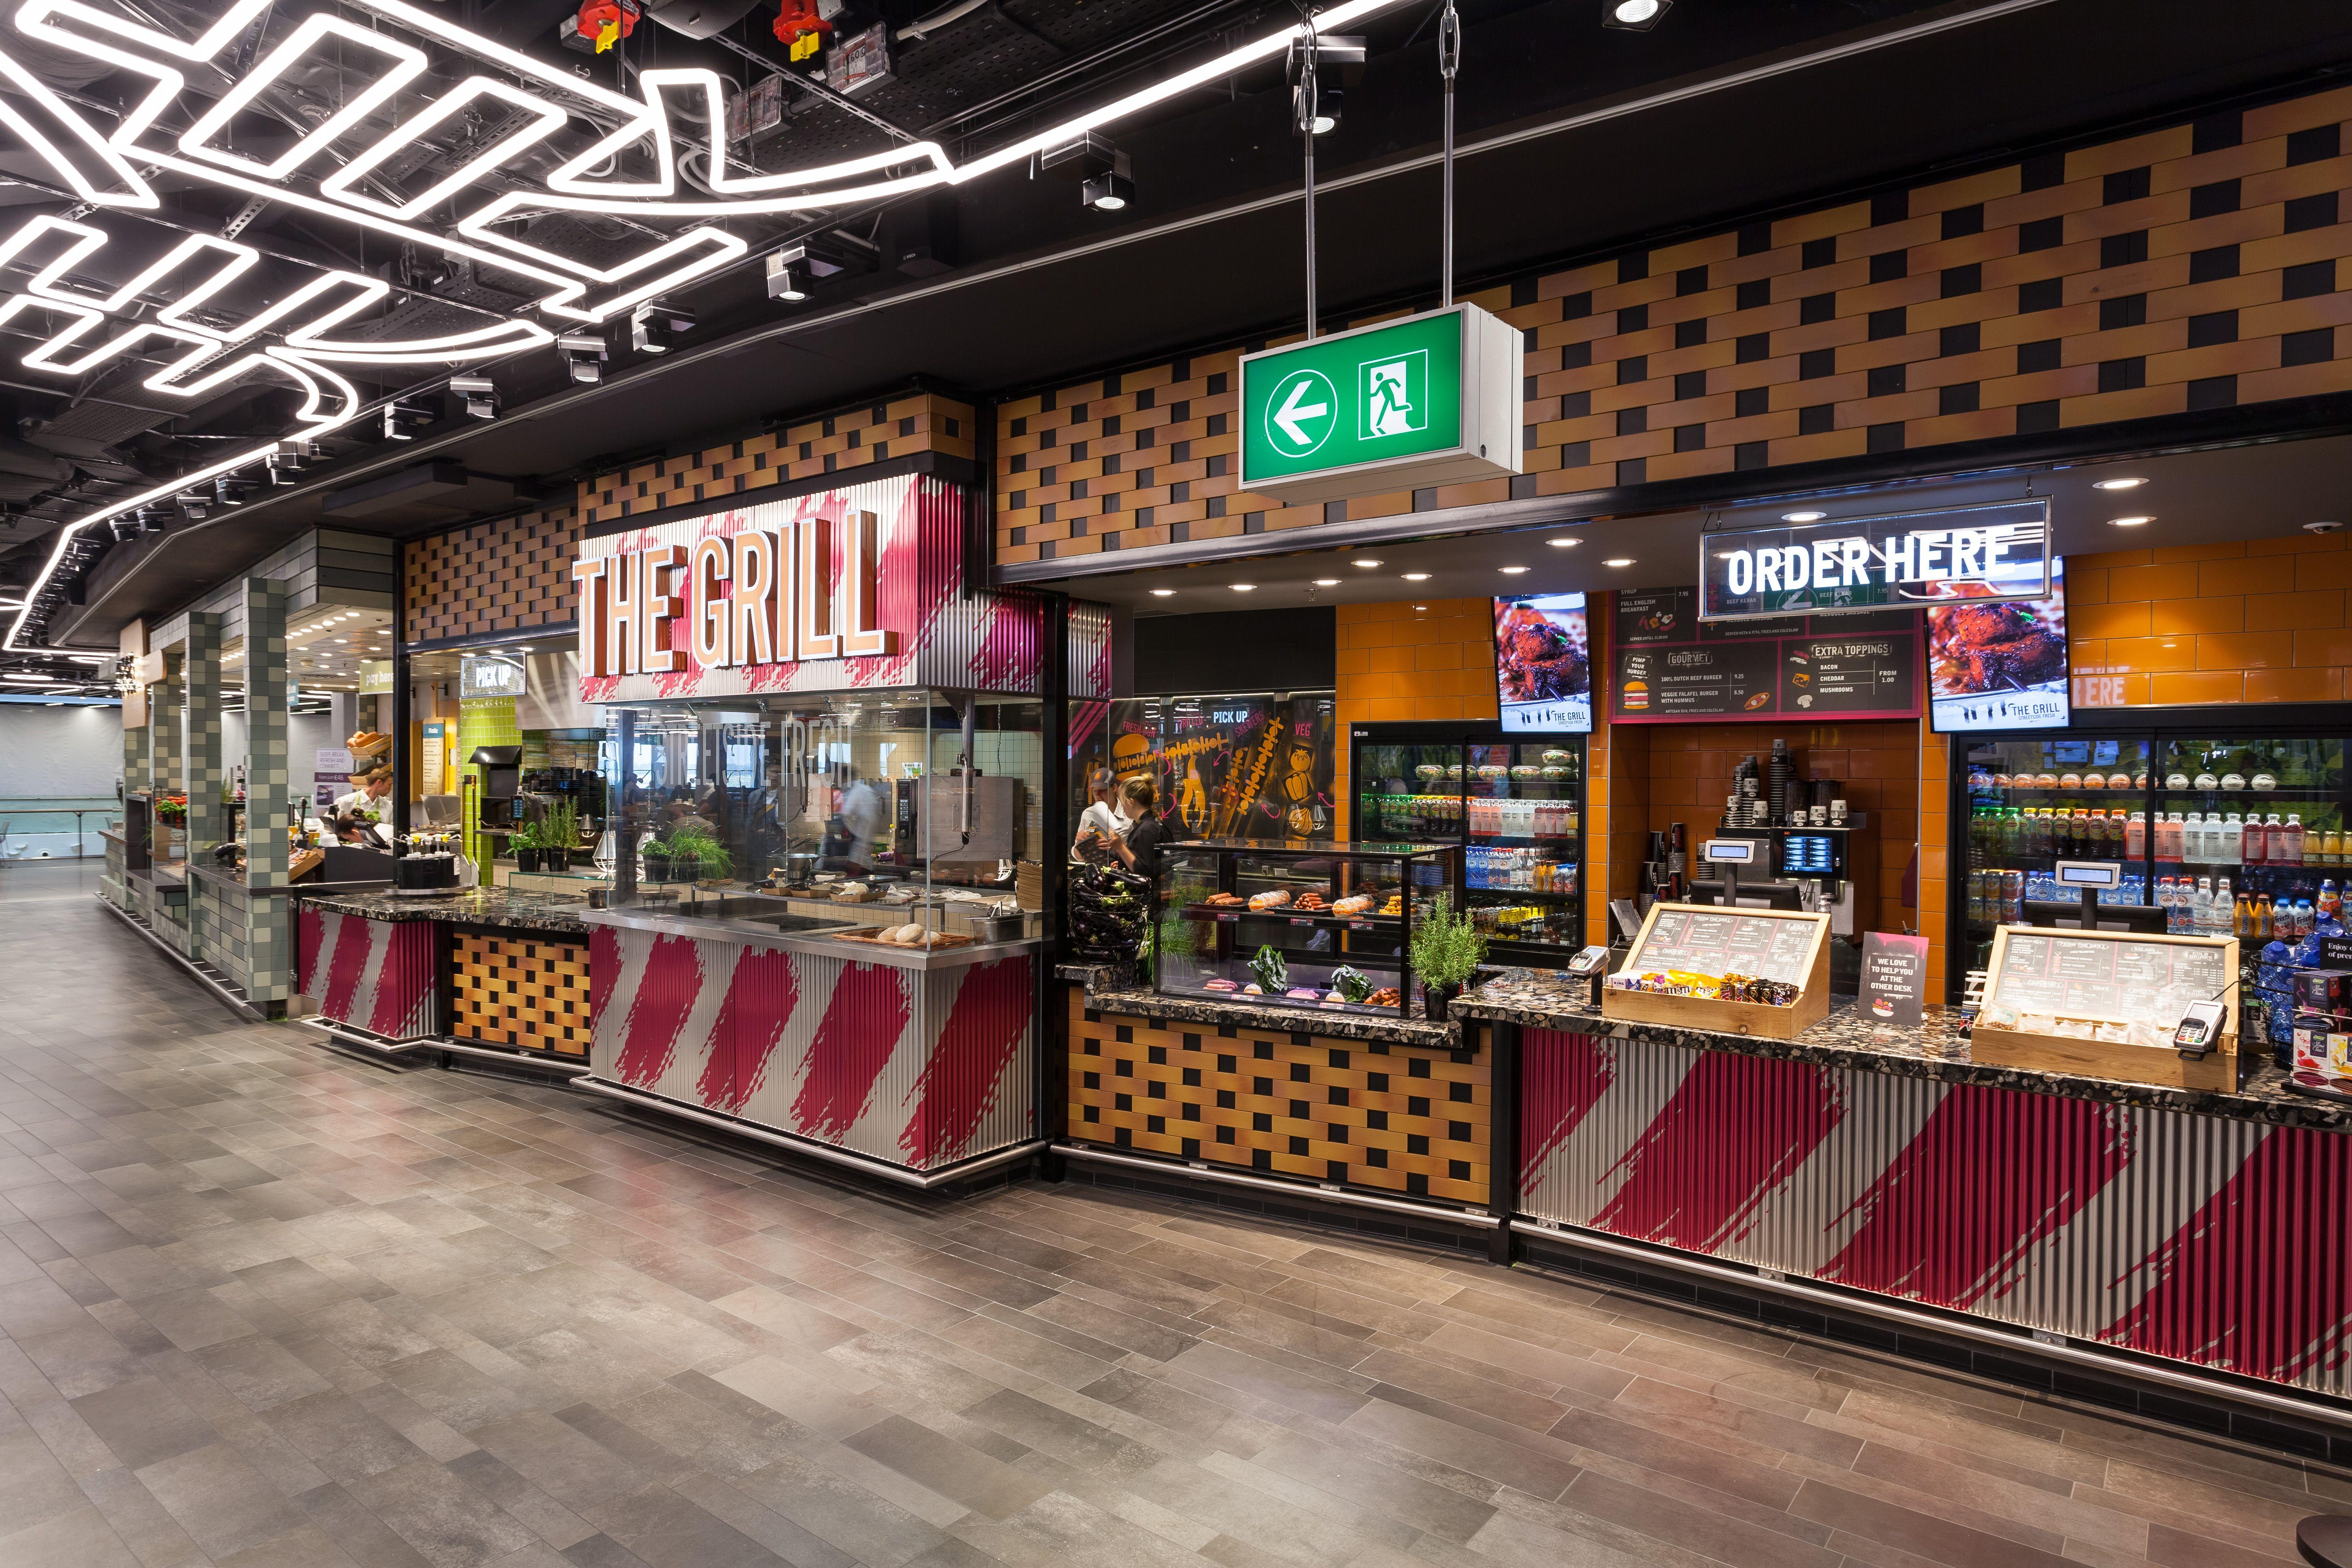 Dutch Treat In 2019 Retail Design Beyond Apparel